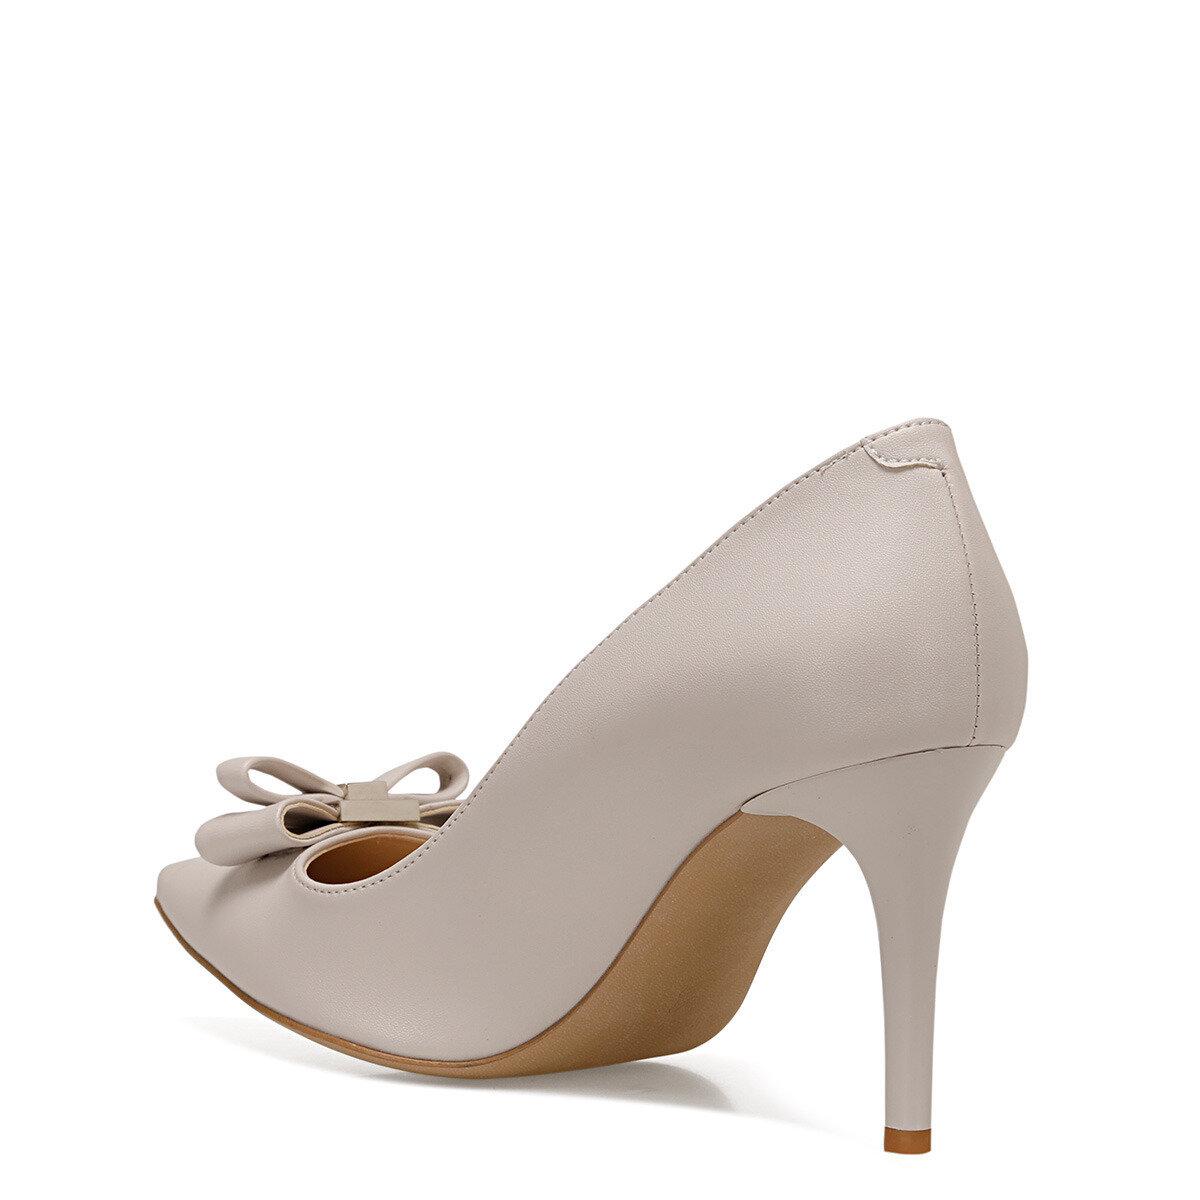 OLIVA KIRIKBEYAZ Kadın Gova Ayakkabı